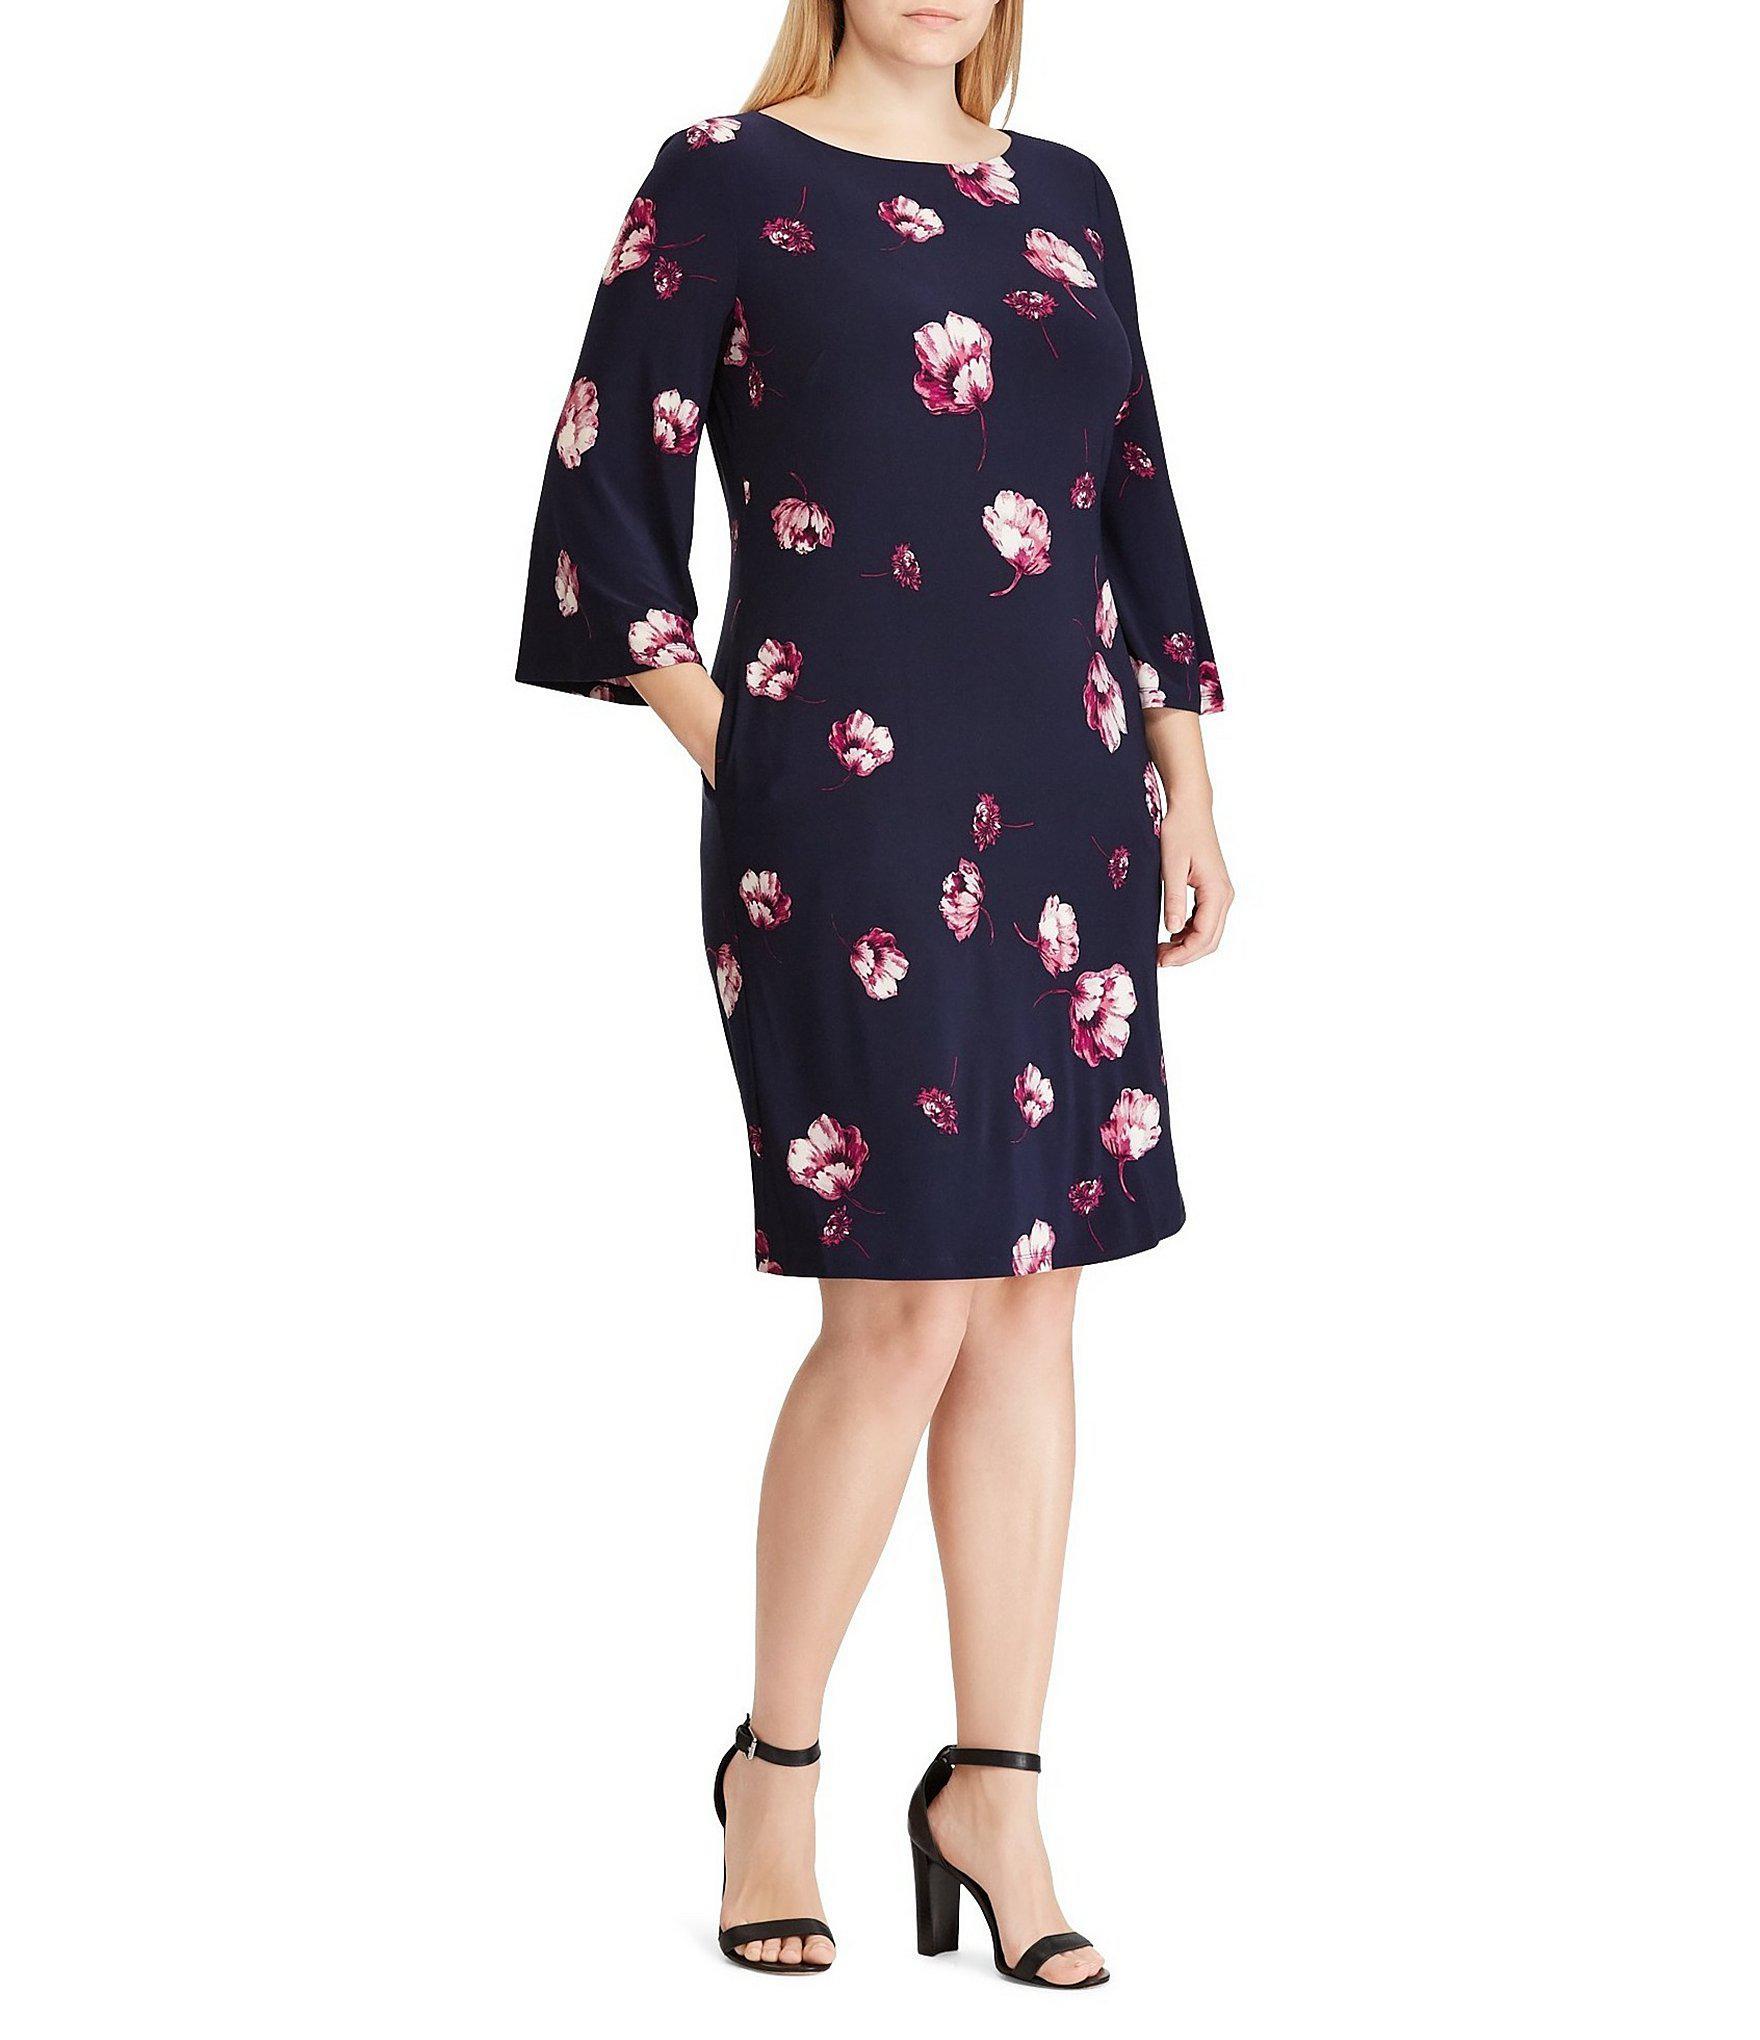 ce3afc5e5e Lauren by Ralph Lauren. Women s Blue Plus Size Floral Print Jersey Shift  Dress